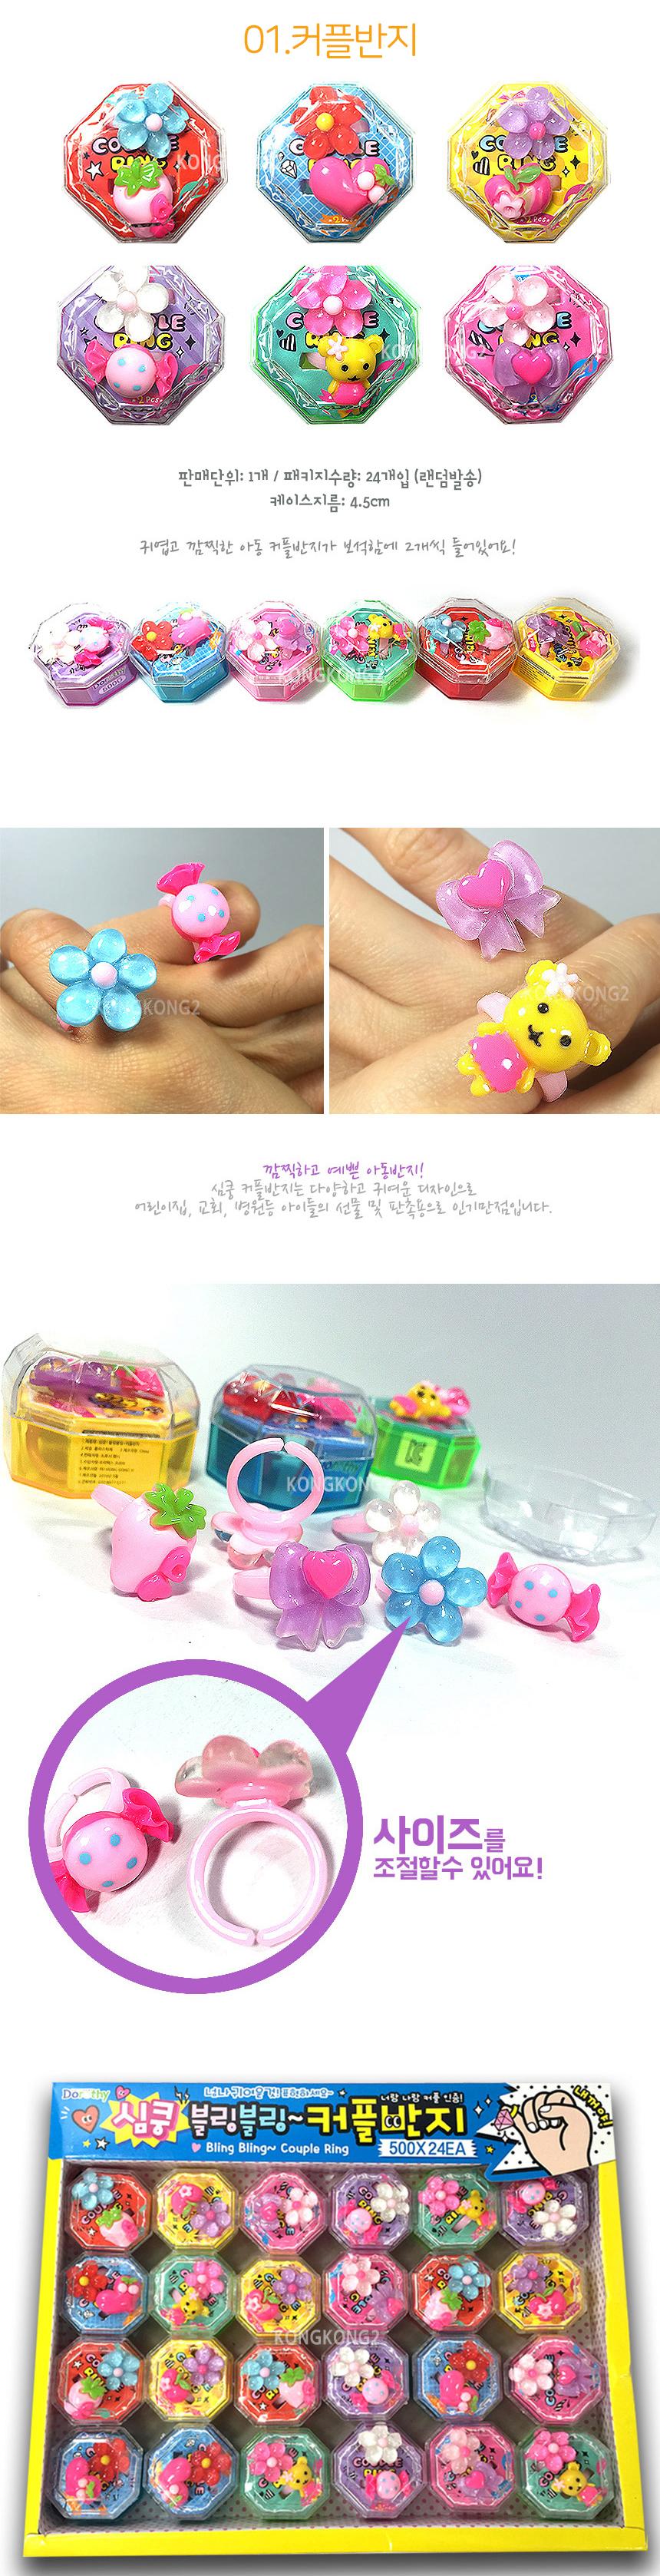 accessories_01.jpg